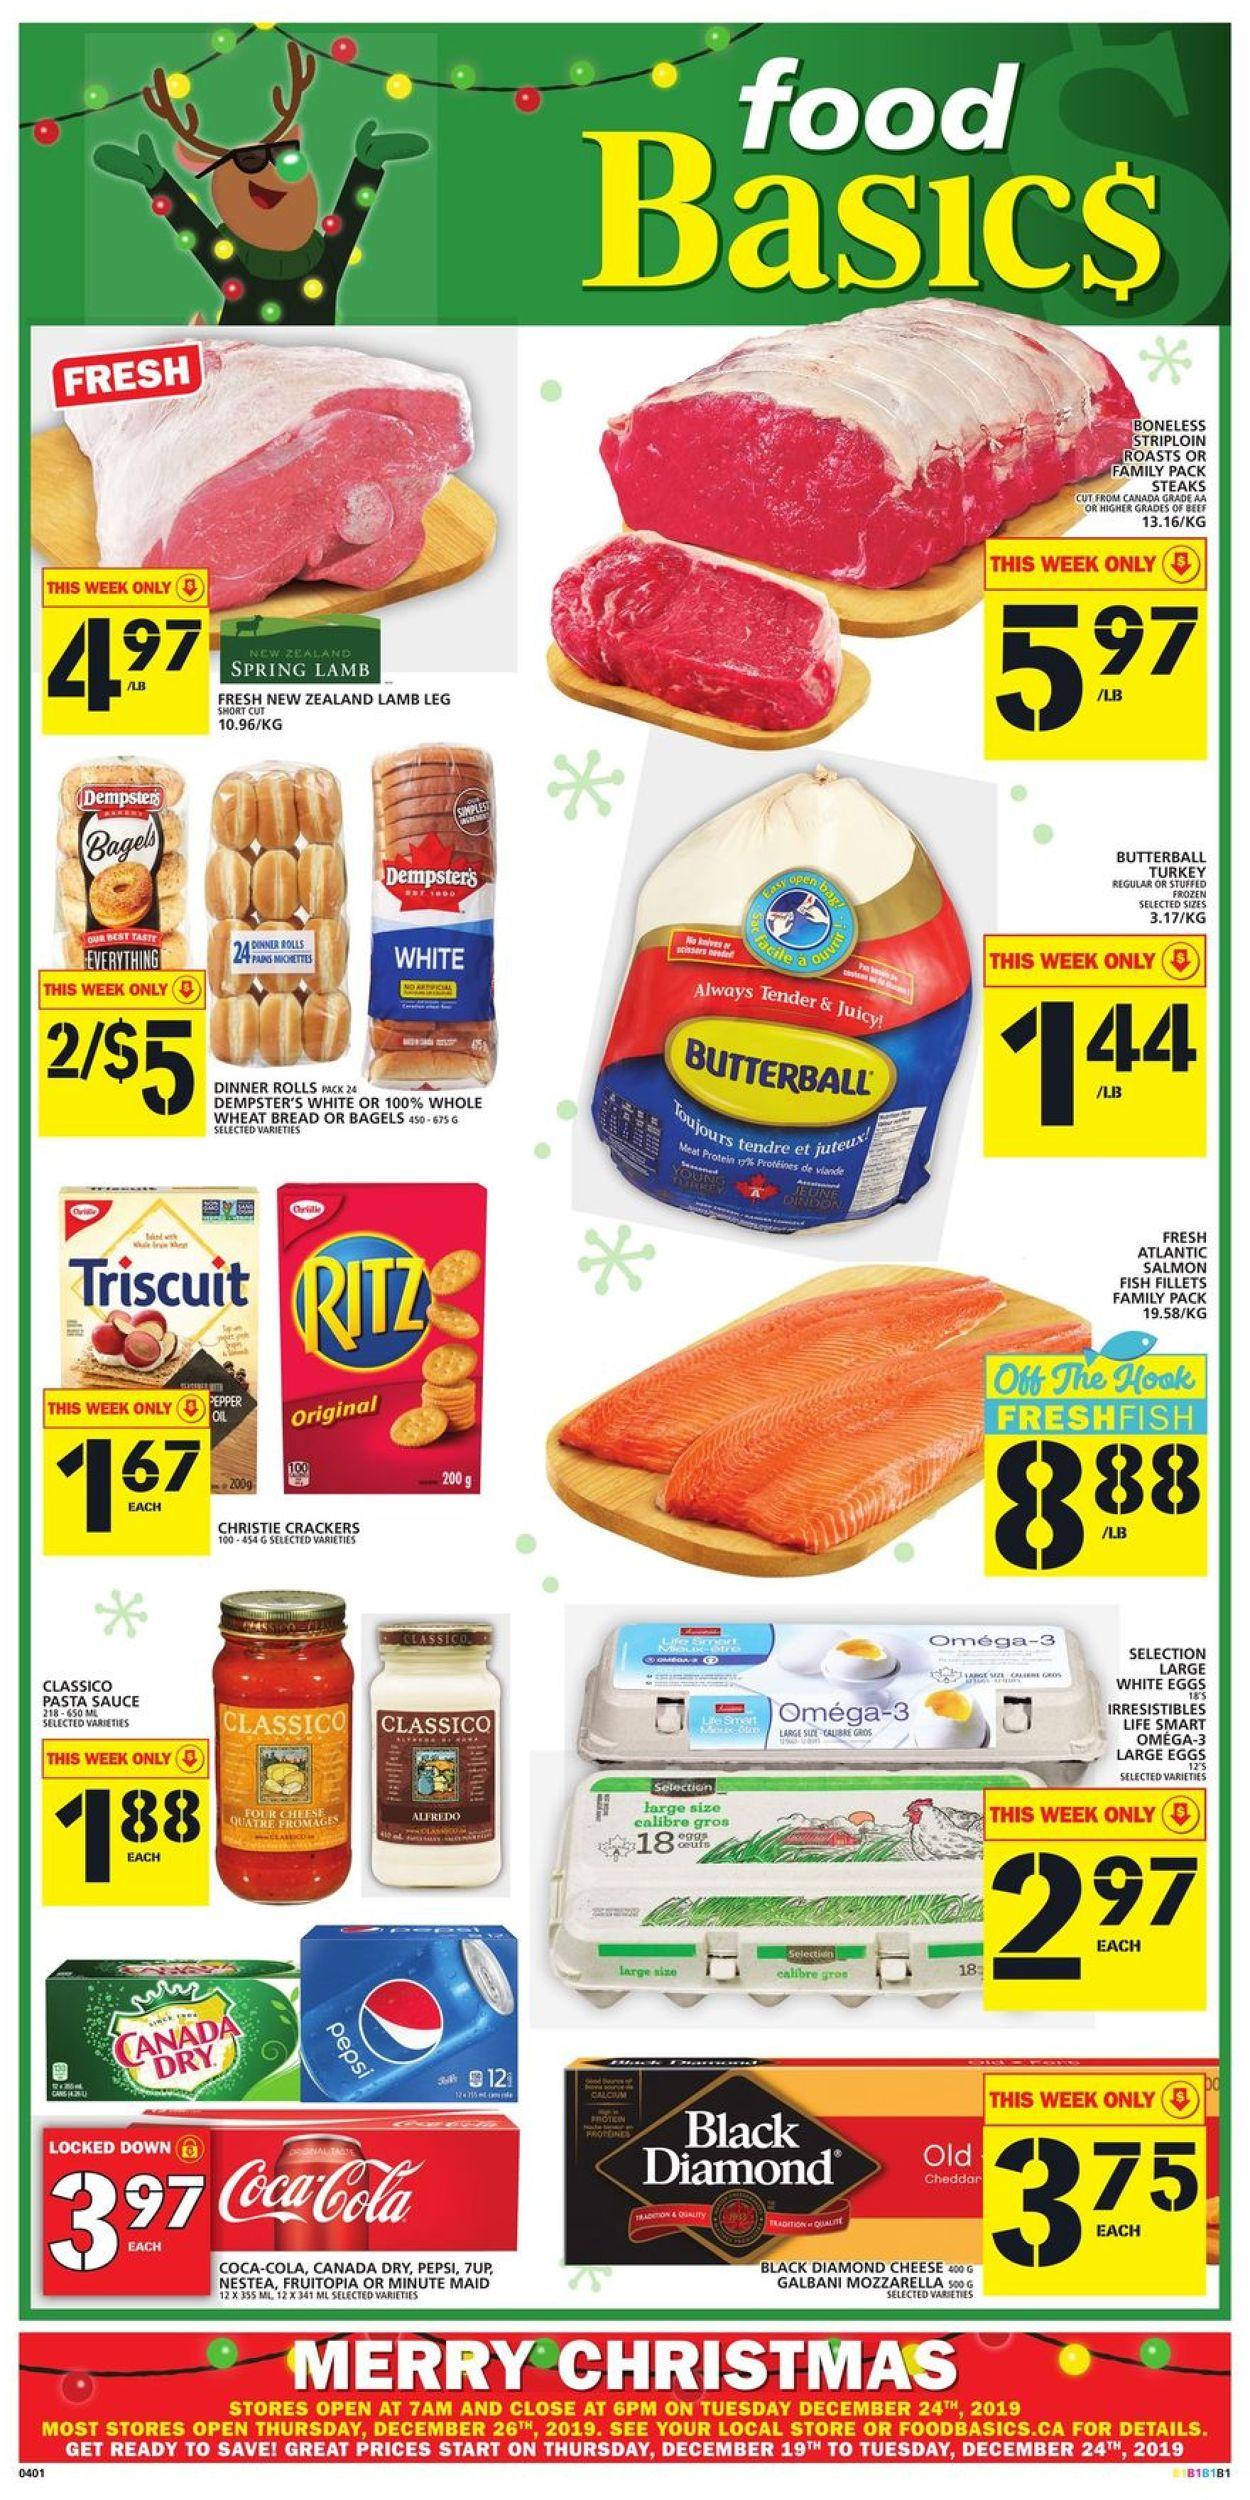 Food Basics Christmas Flyer 2019